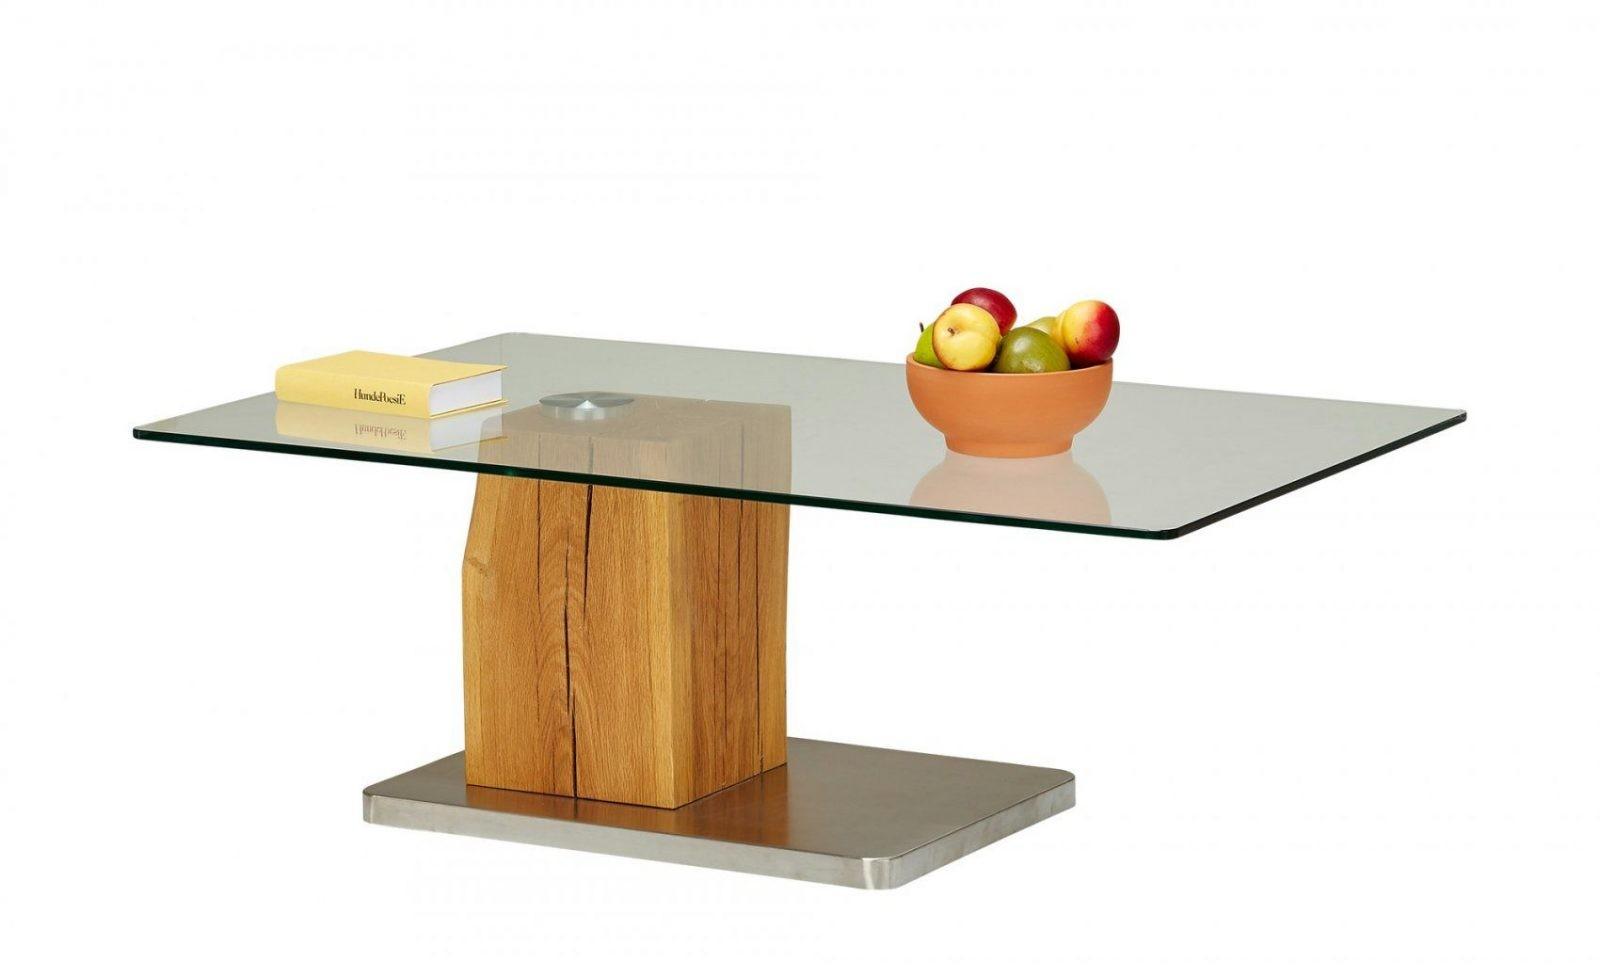 Couchtisch Holz Metall Glas Piana  Möbel Höffner von Möbel Höffner Couchtisch Bild